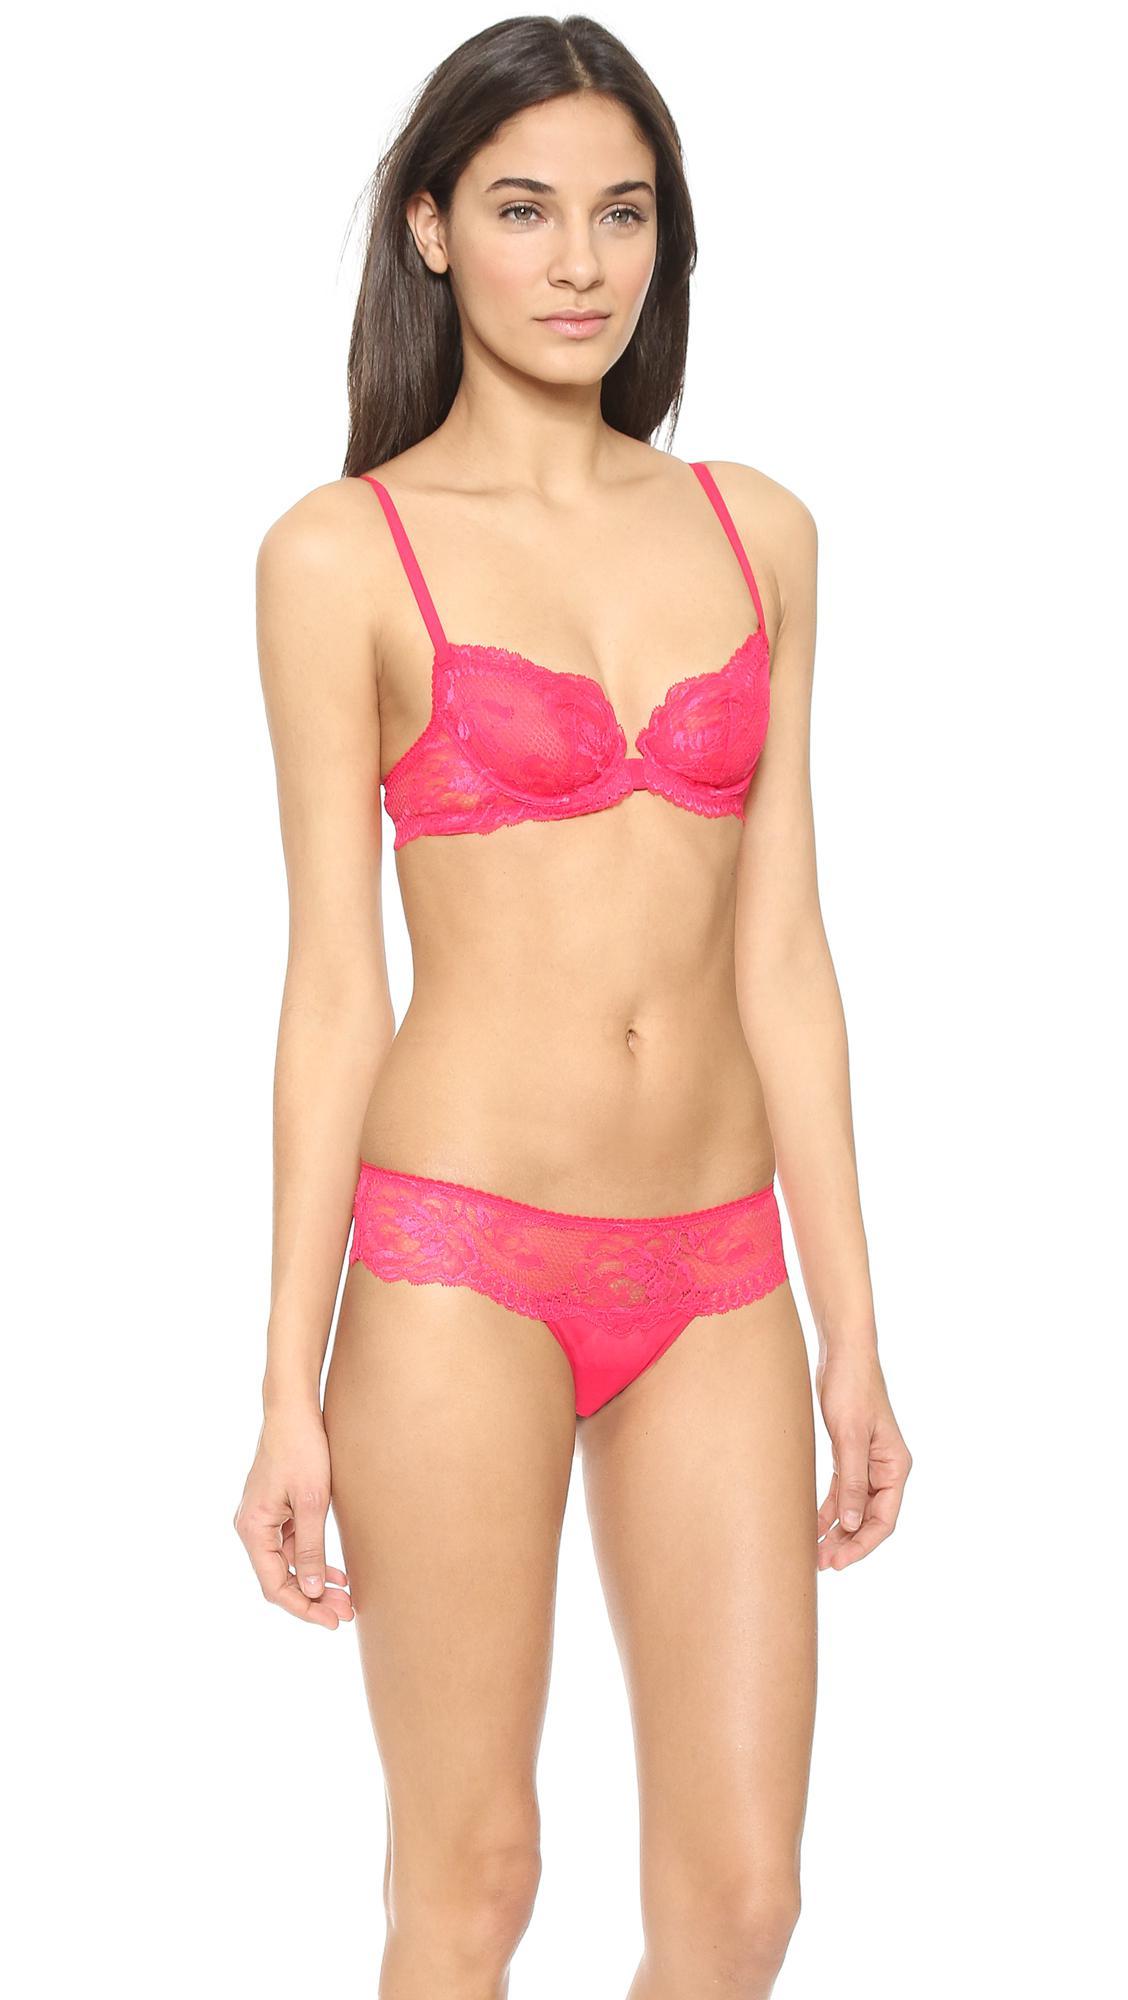 052ba413fad07 La Perla Begonia Sheer Demi Bra in Pink - Lyst